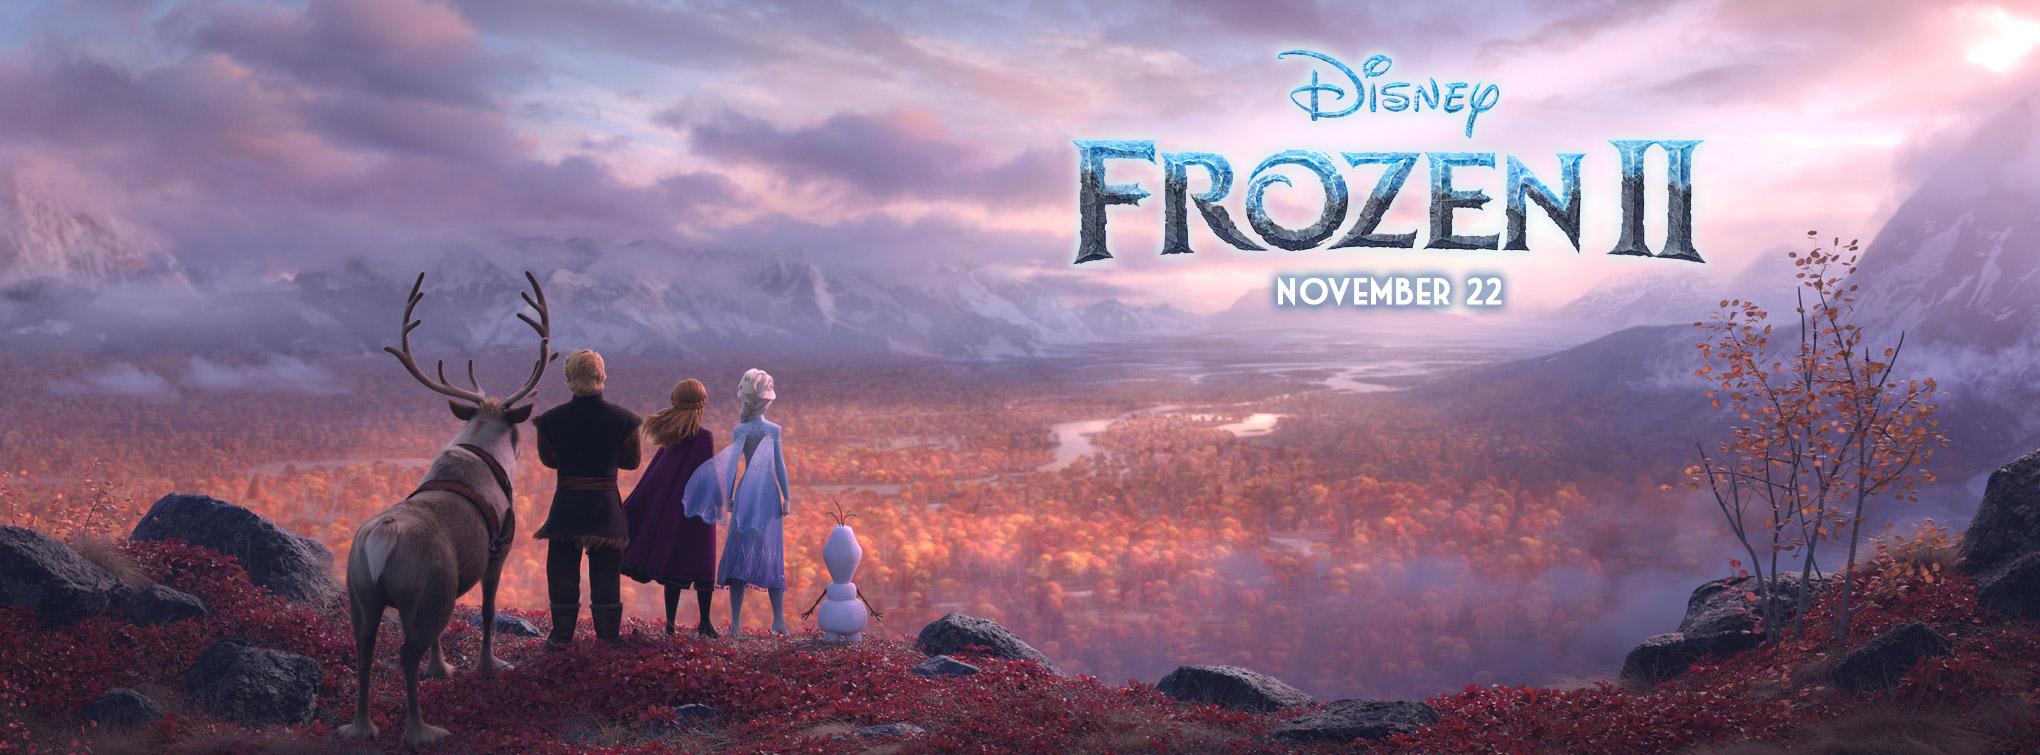 Slider image for Frozen II